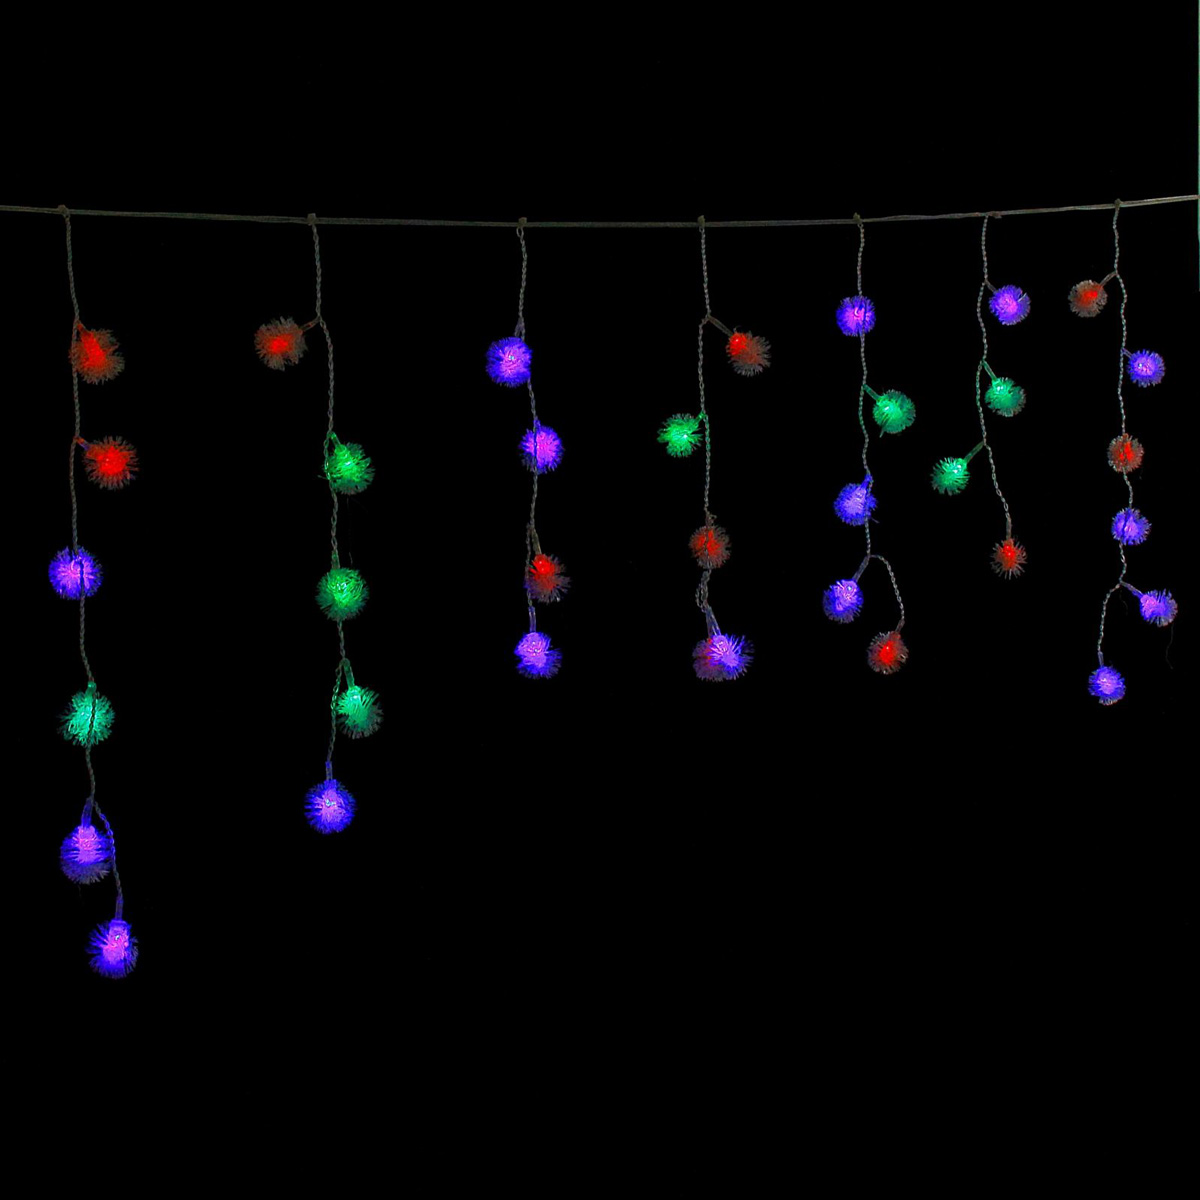 Гирлянда светодиодная Luazon Бахрома. Ежики, 48 ламп, 220 V, цвет: мультиколор, 1,4 х 0,3 м. 671651671651Светодиодные гирлянды, ленты и т.д — это отличный вариант для новогоднего оформления интерьера или фасада. С их помощью помещение любого размера можно превратить в праздничный зал, а внешние элементы зданий, украшенные ими, мгновенно станут напоминать очертания сказочного дворца. Такие украшения создают ауру предвкушения чуда. Деревья, фасады, витрины, окна и арки будто специально созданы, чтобы вы украсили их светящимися нитями.